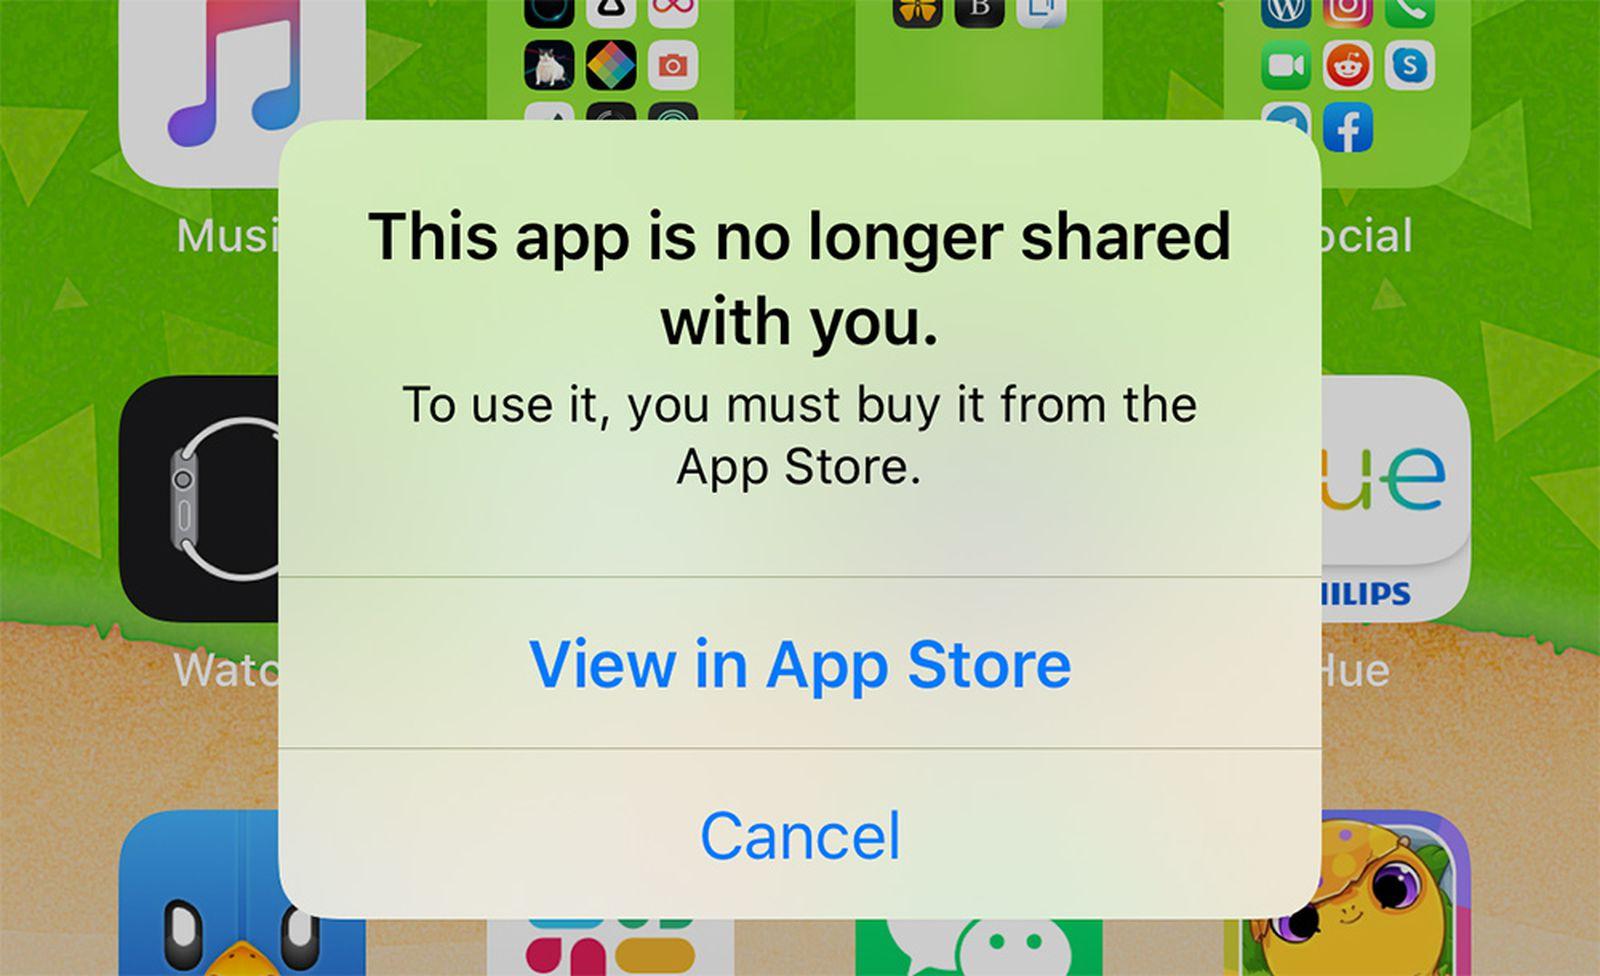 https://www.macfreak.nl/modules/news/images/zArt.iOS-NoLongerSharedBug.jpg